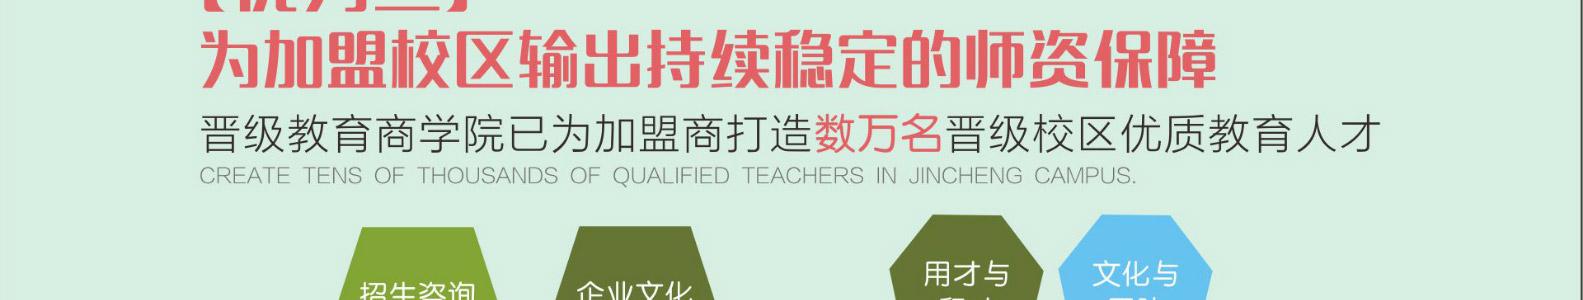 晋级教育jjjy_20